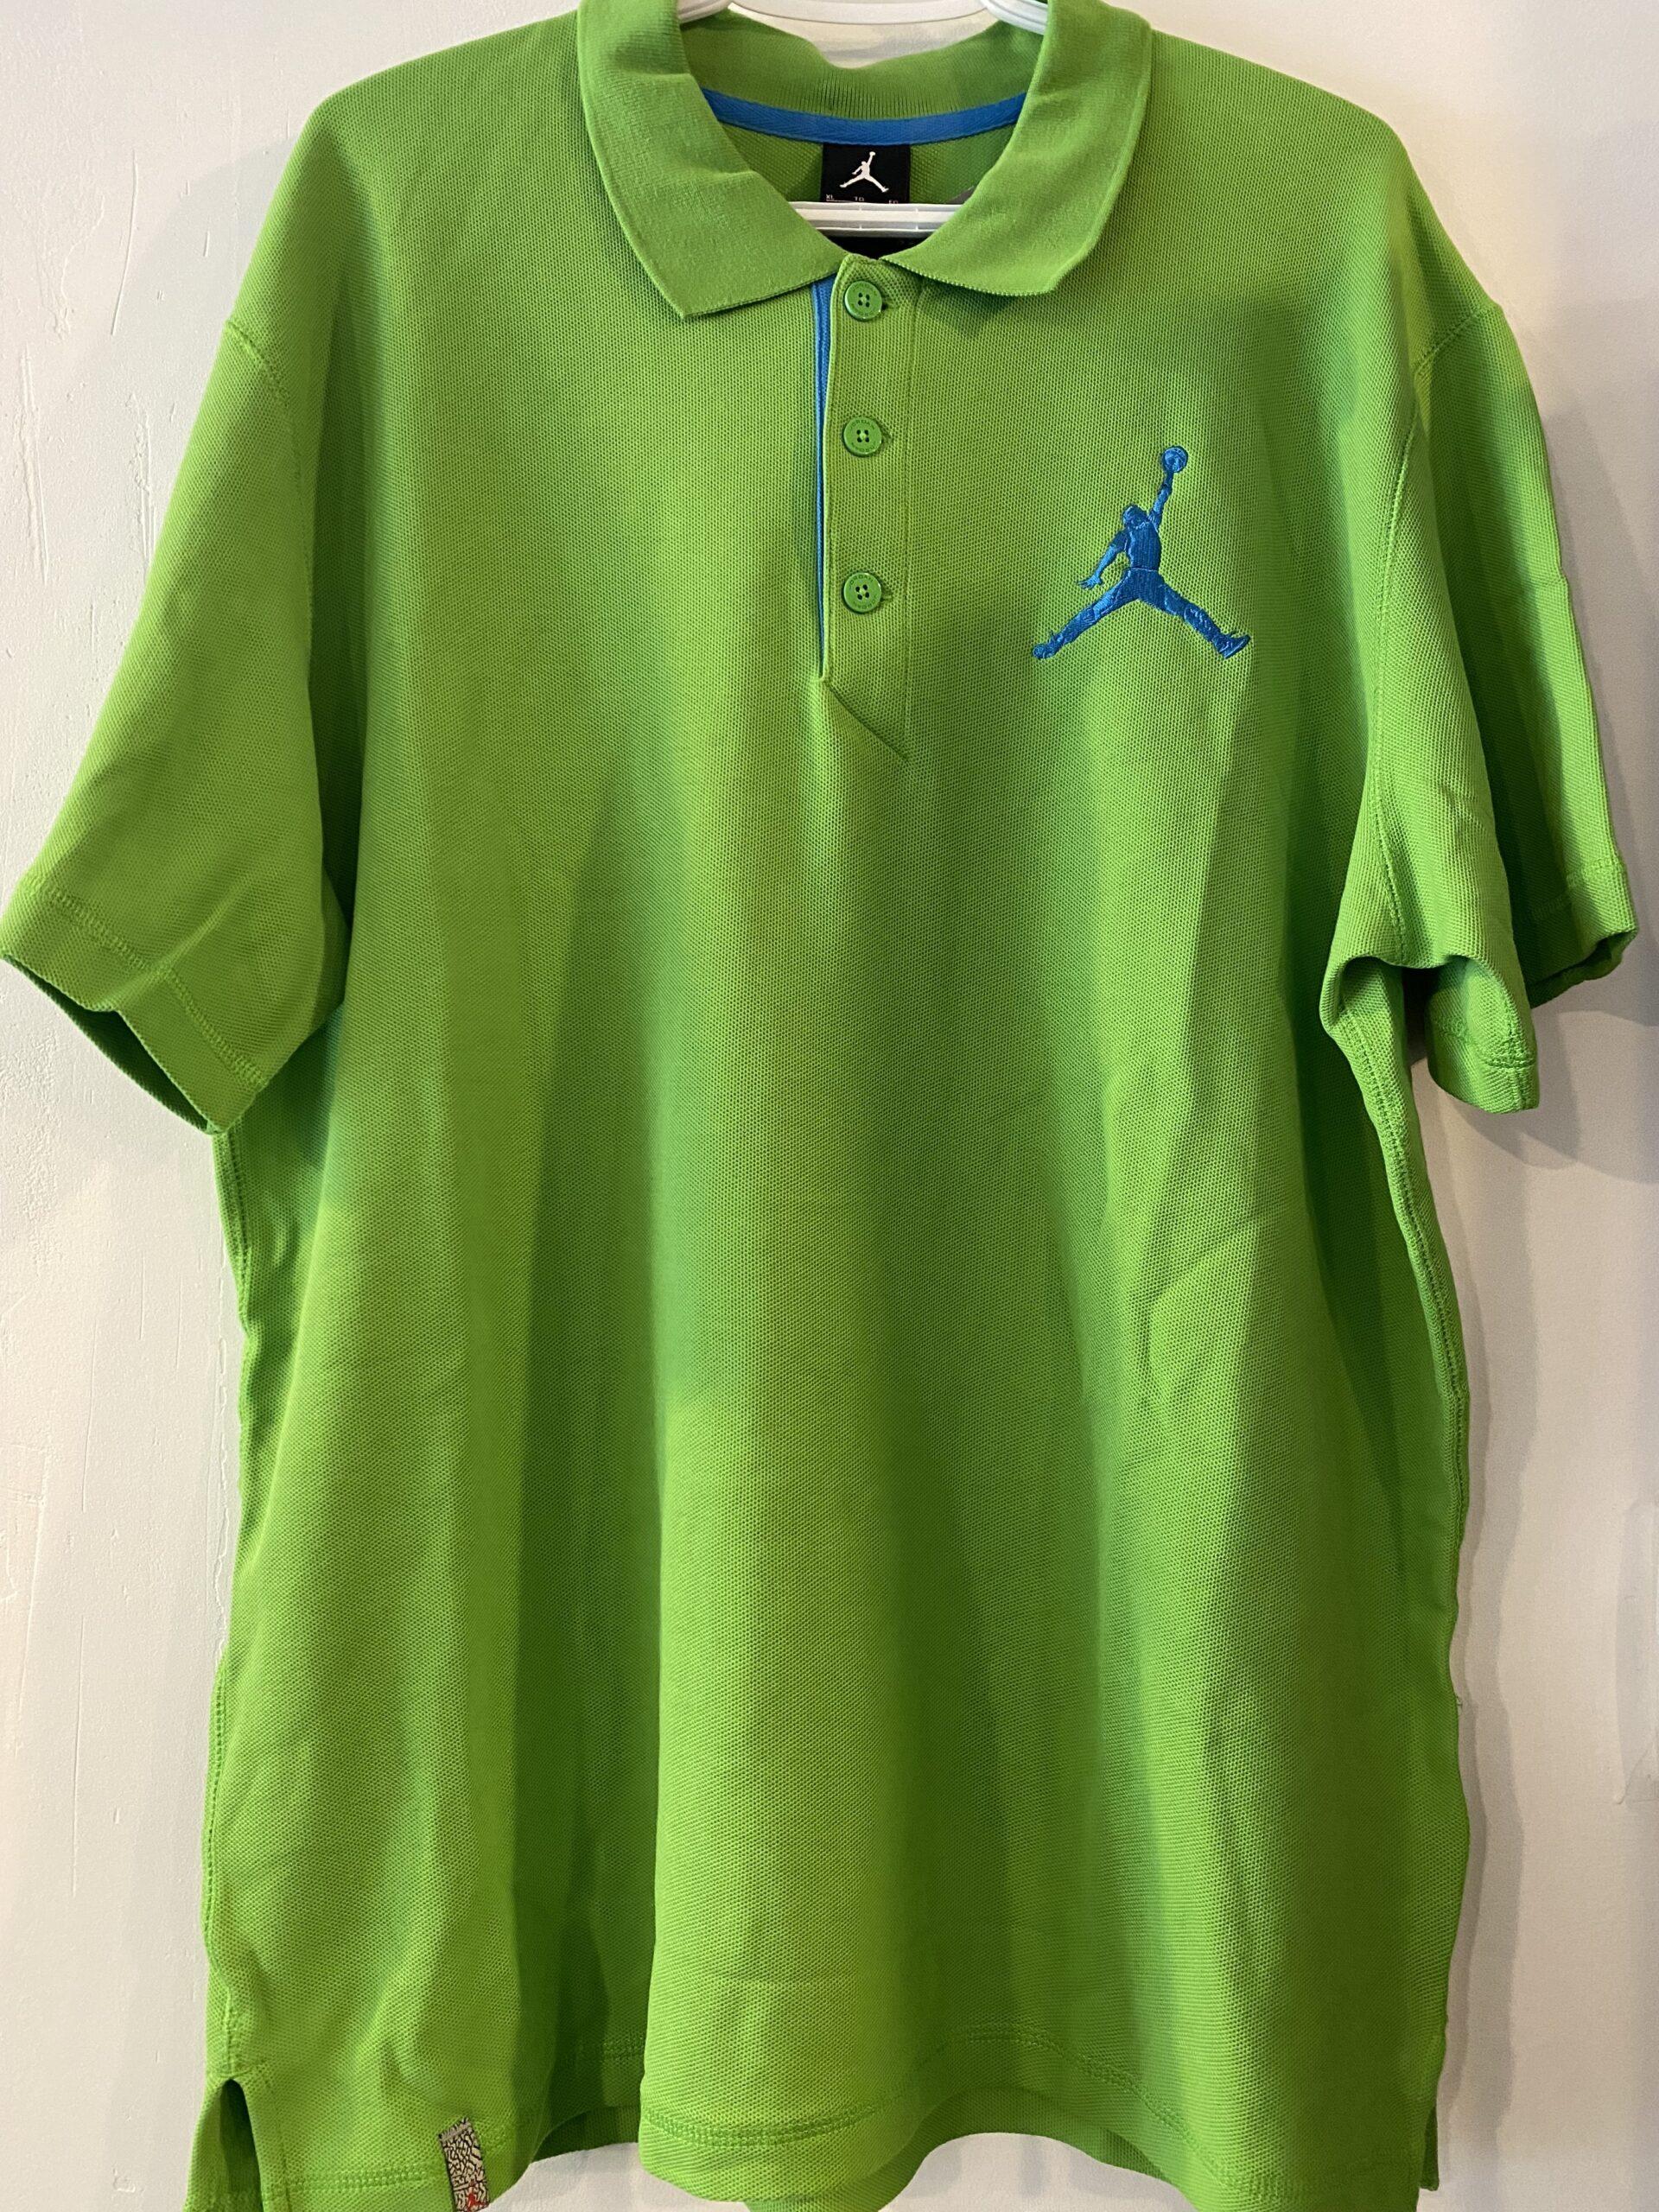 Jordan Golf Shirt Green Size XL